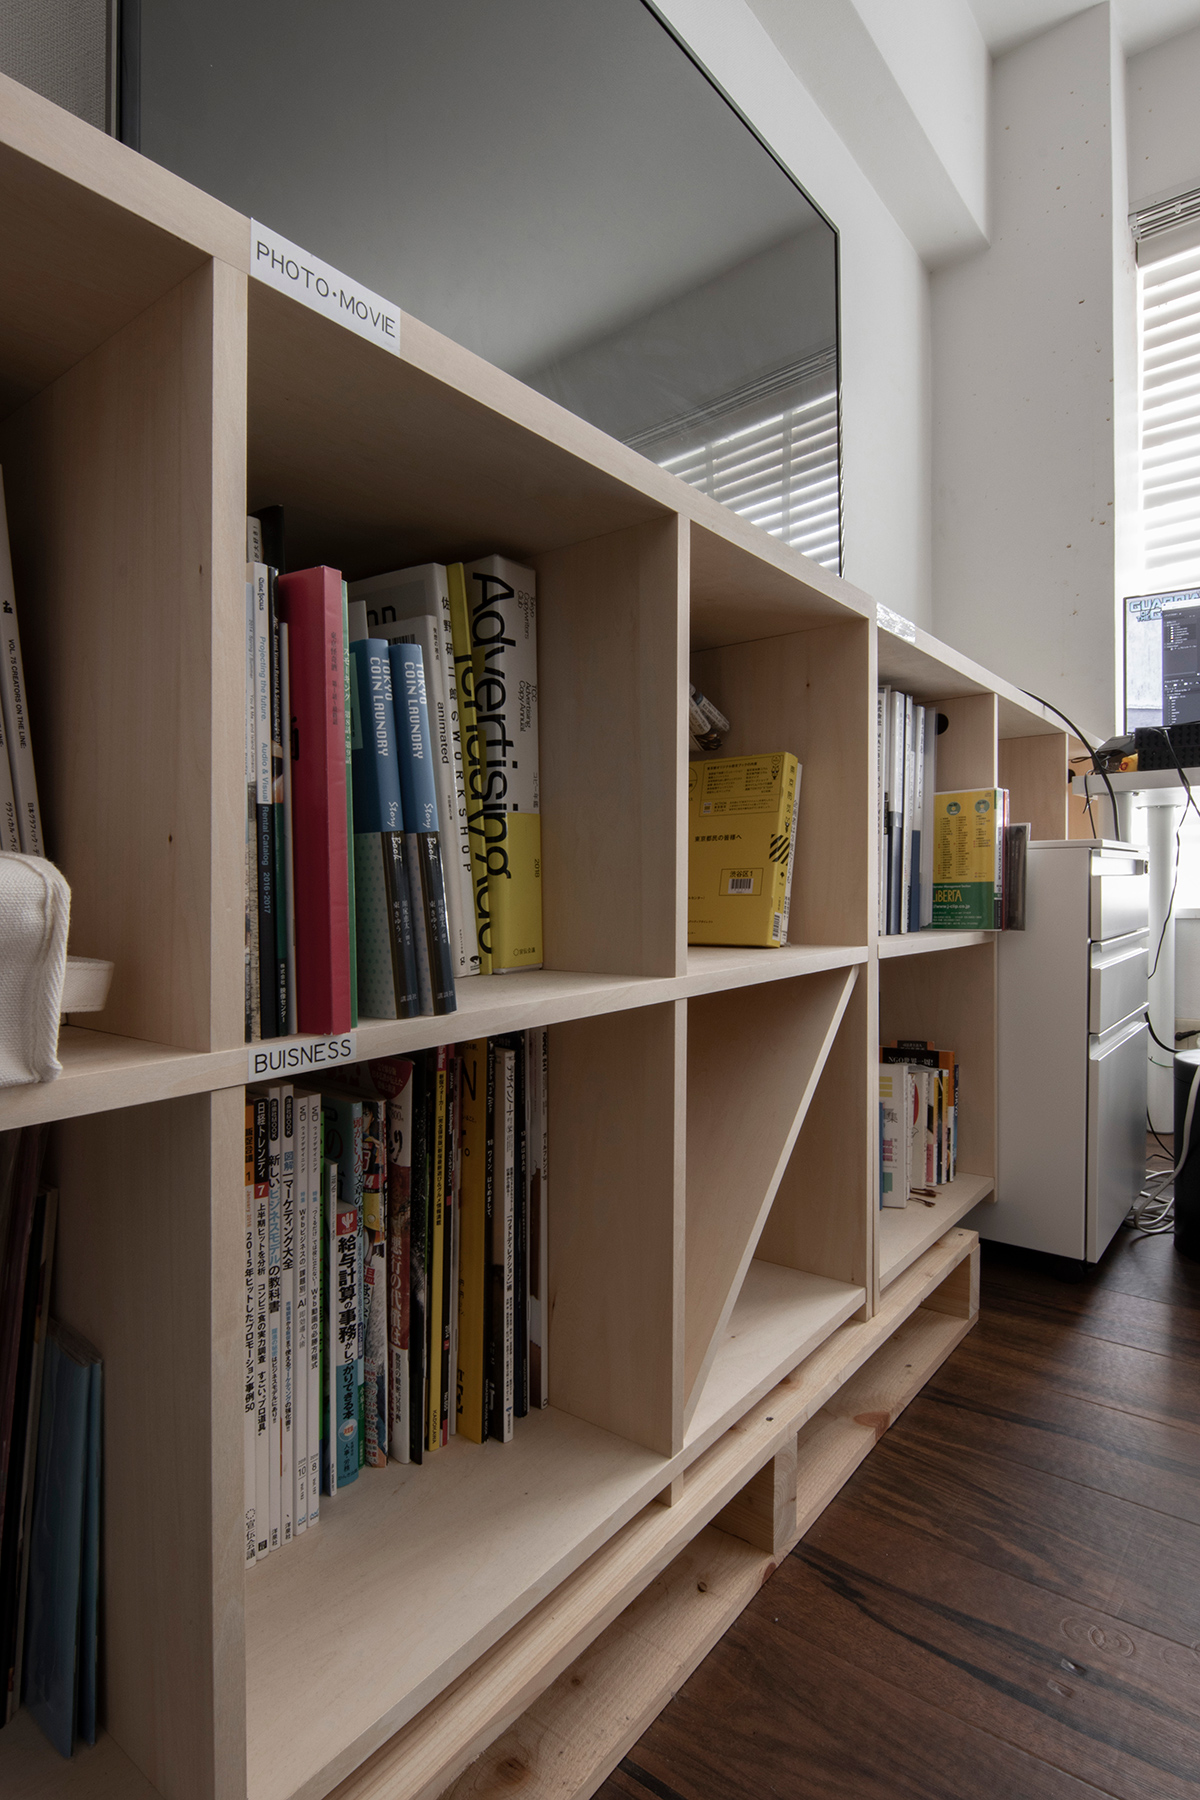 クリエイティブな制作室に | 壁一面の本棚 奥行350mm ロータイプ / Shelf (No.17) | マルゲリータ使用例 シンプル おしゃれ 部屋 インテリア レイアウト